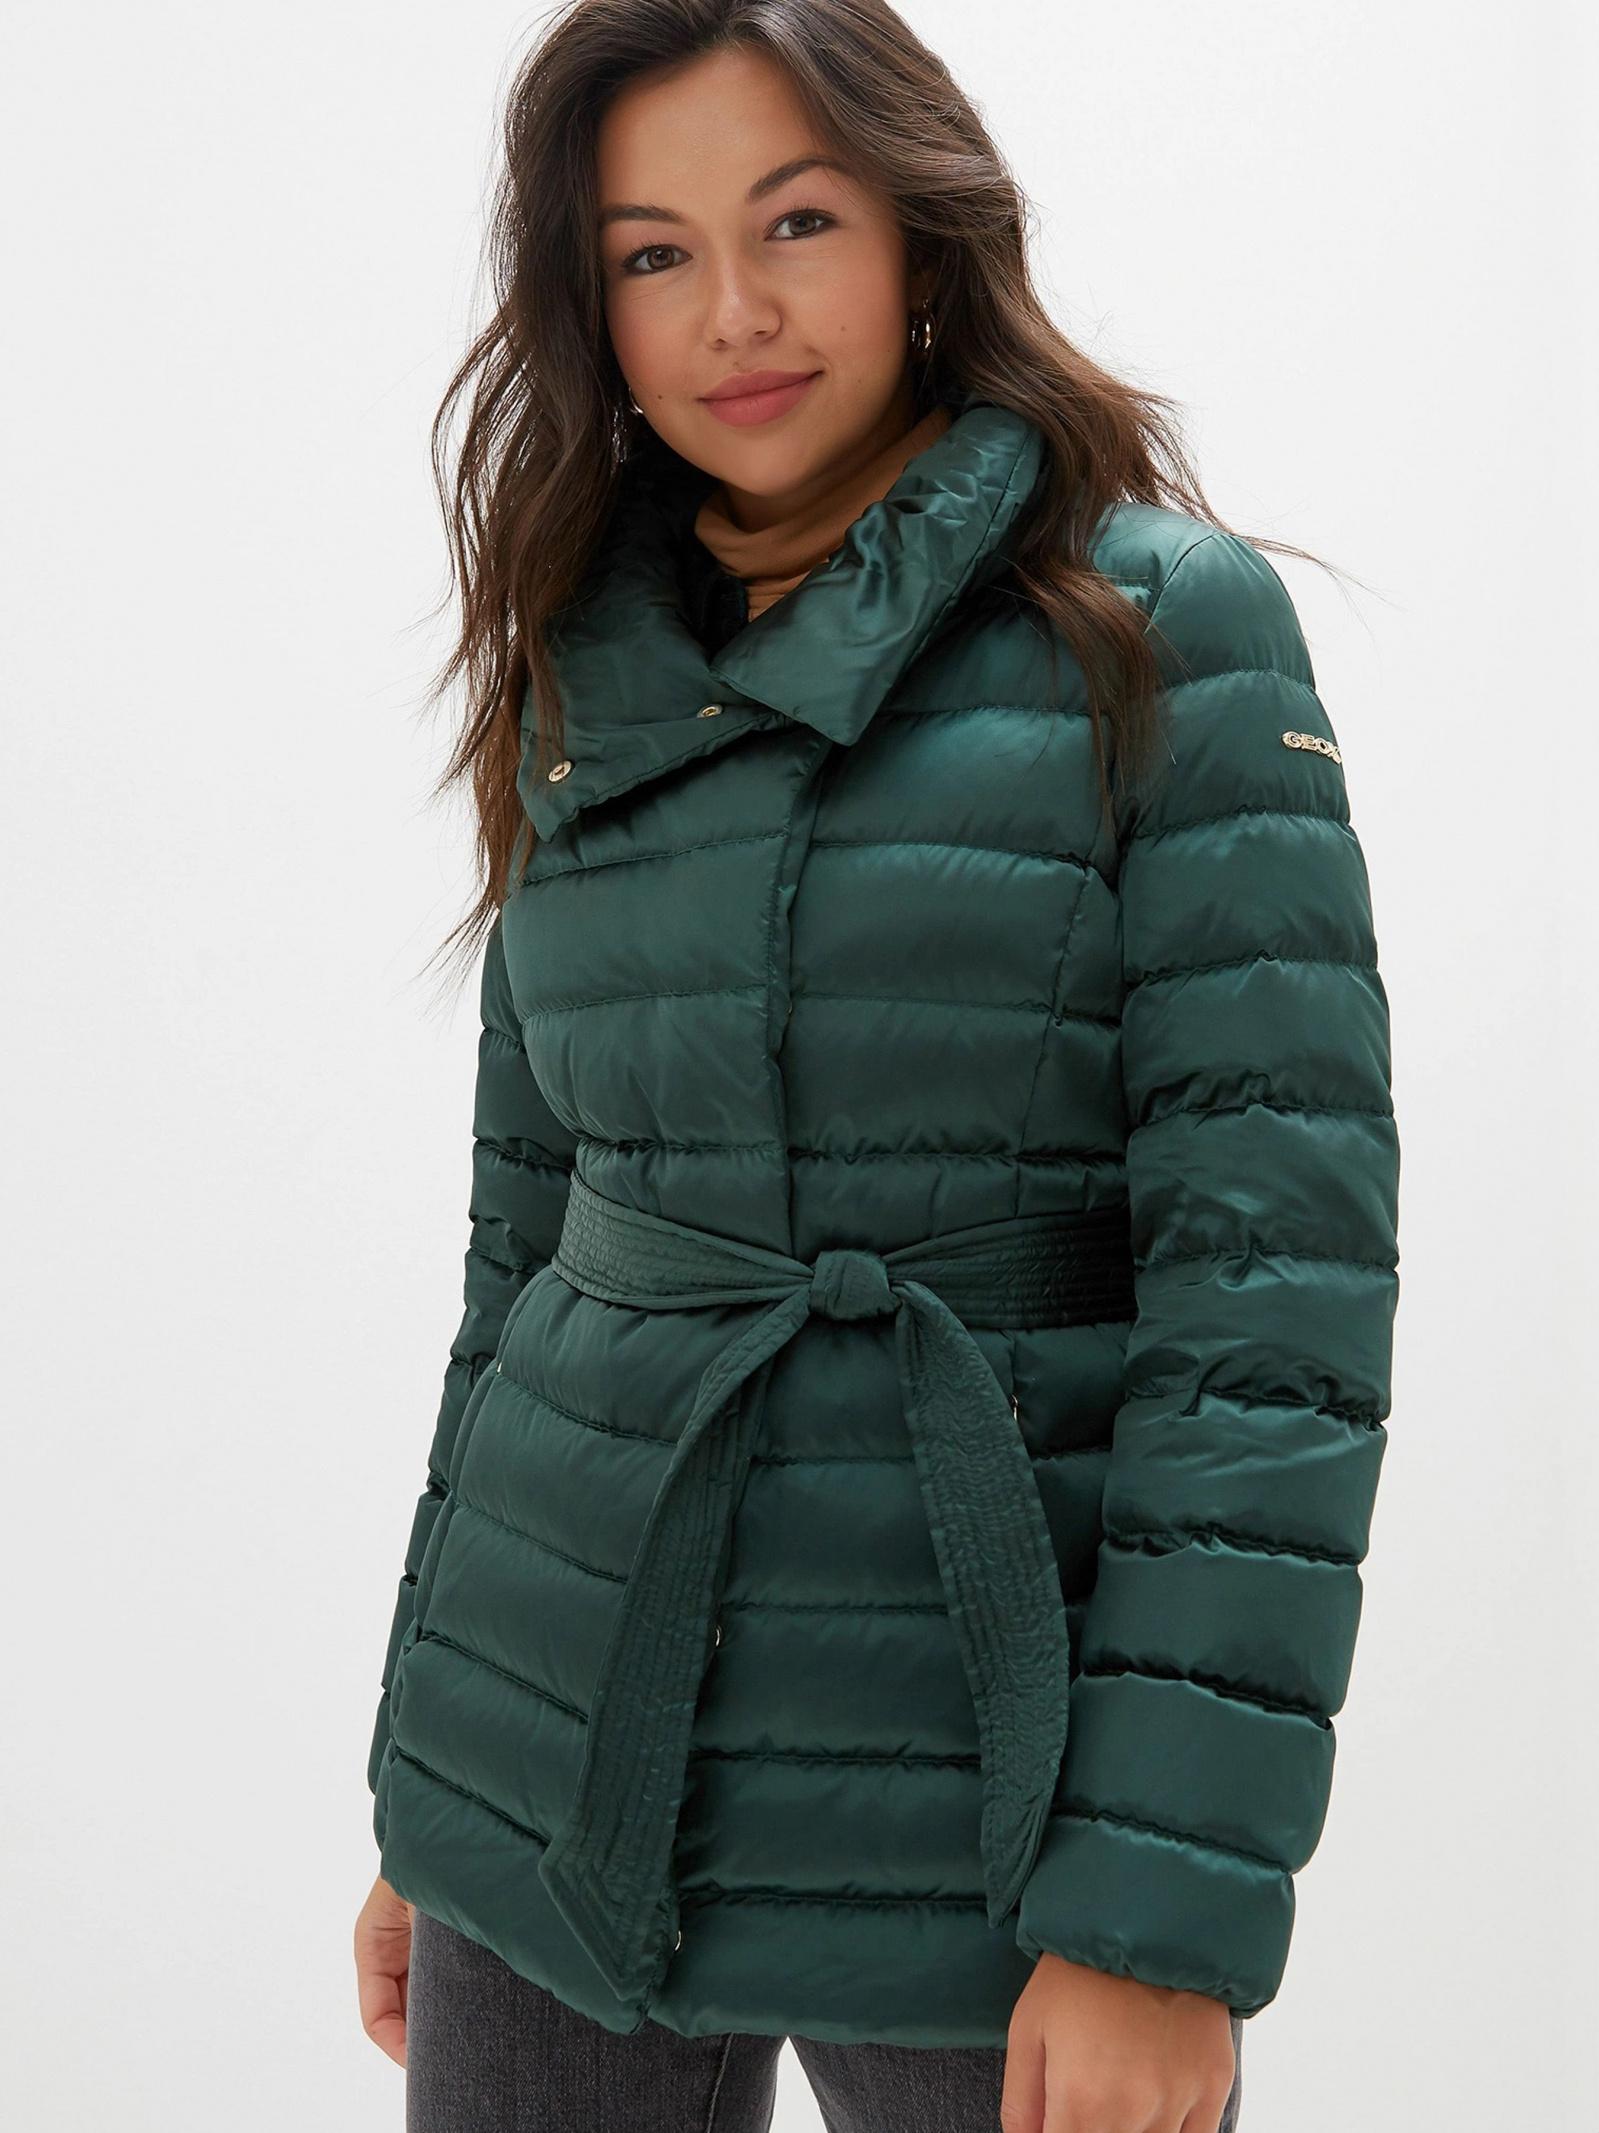 col china Itaca No complicado  Куртка Geox Chloo W9425P-T2411-F3208 для женщин Зеленый - купить в Киеве,  Украине в магазине Intertop: цена, фото, отзывы